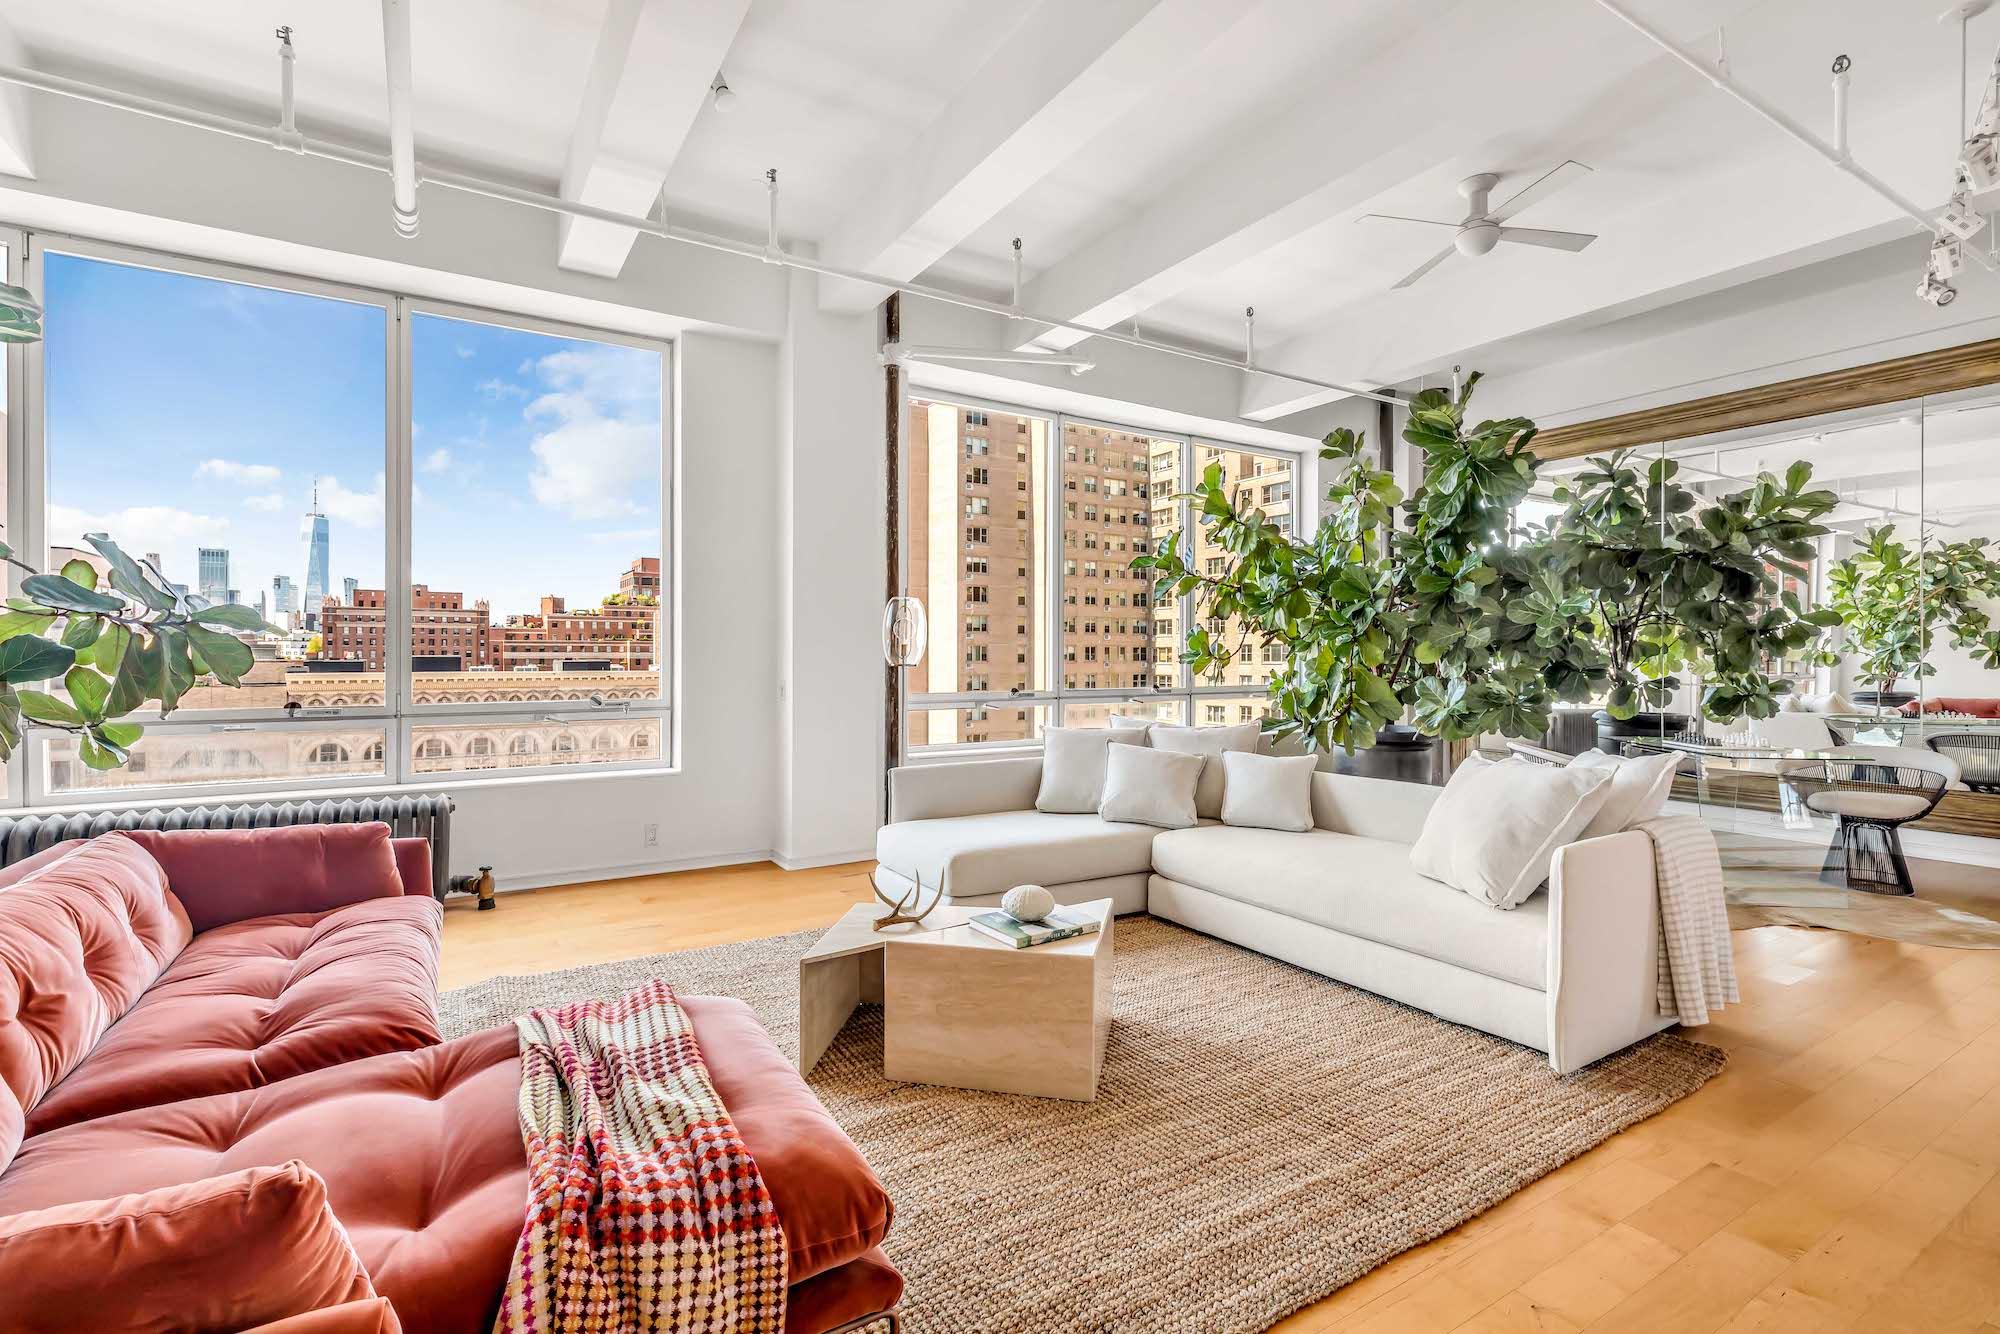 Susan Sarandon lists massive Chelsea duplex for $7.9M | 6sqft